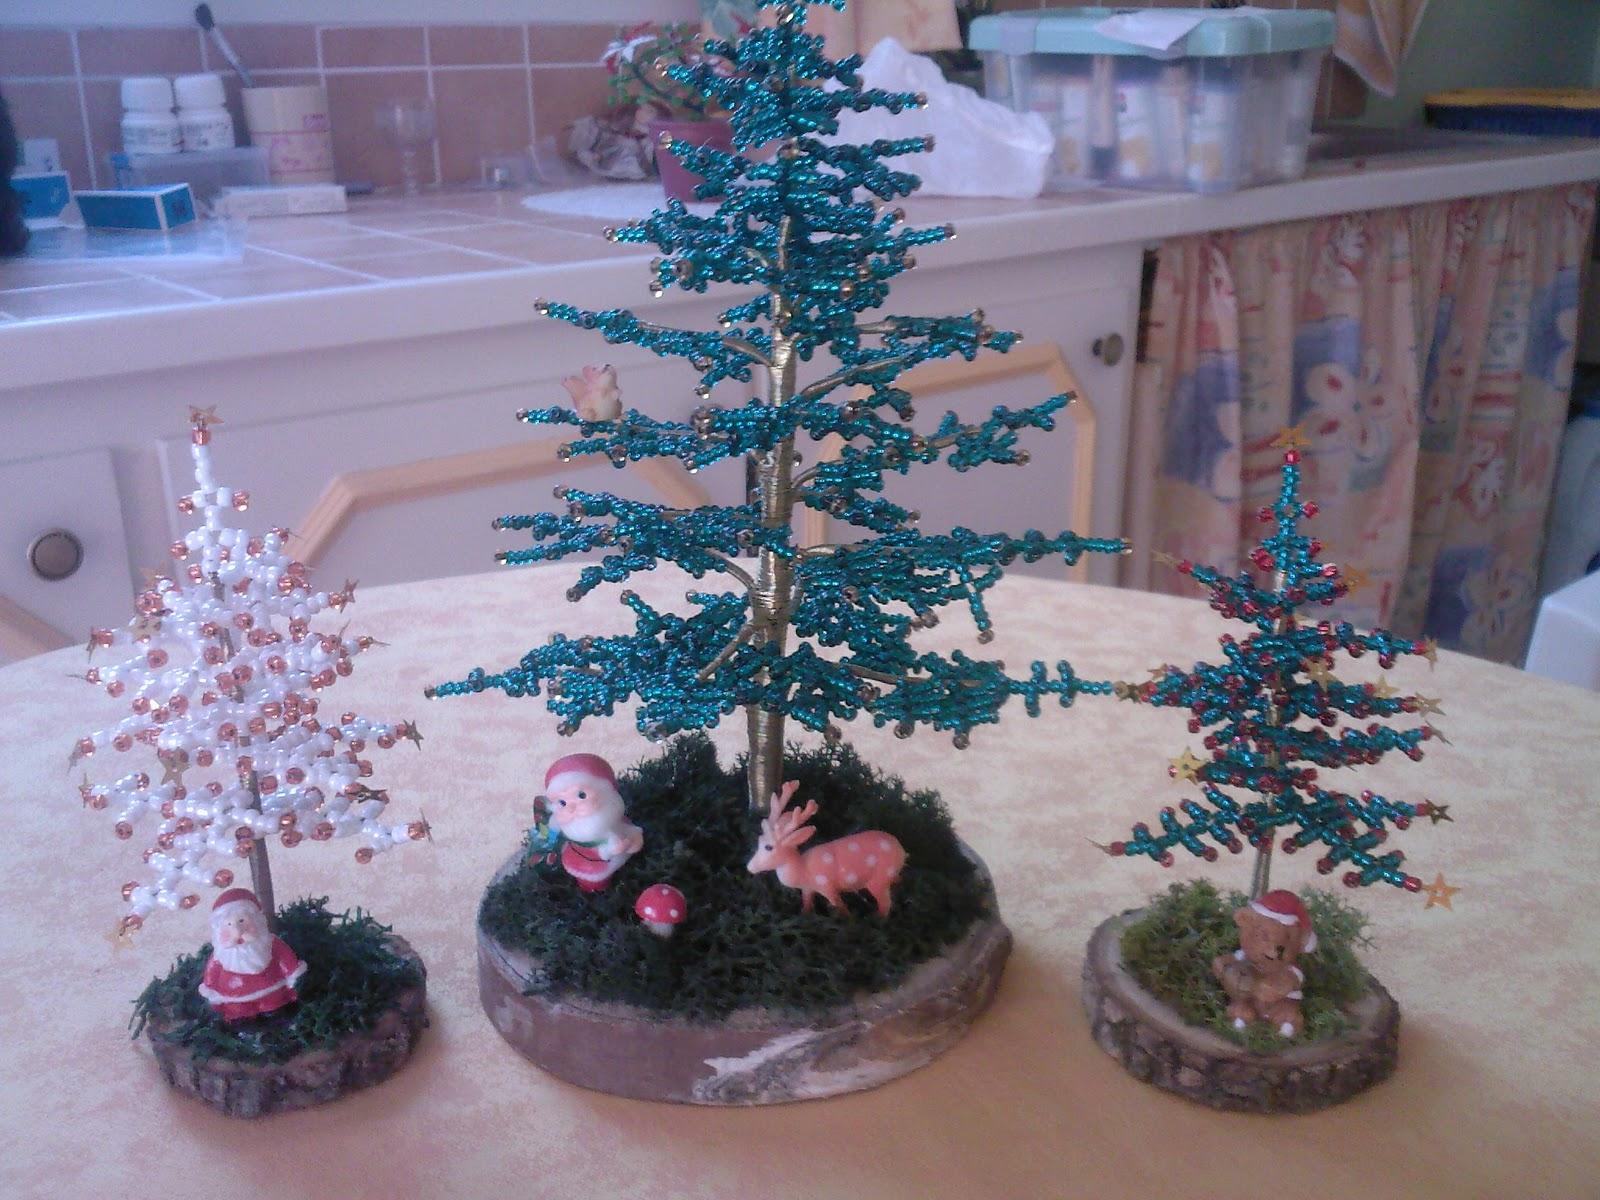 #306380 Au Bonheur Des Cartes: Noël Approche 5409 decorations de noel en gros 1600x1200 px @ aertt.com